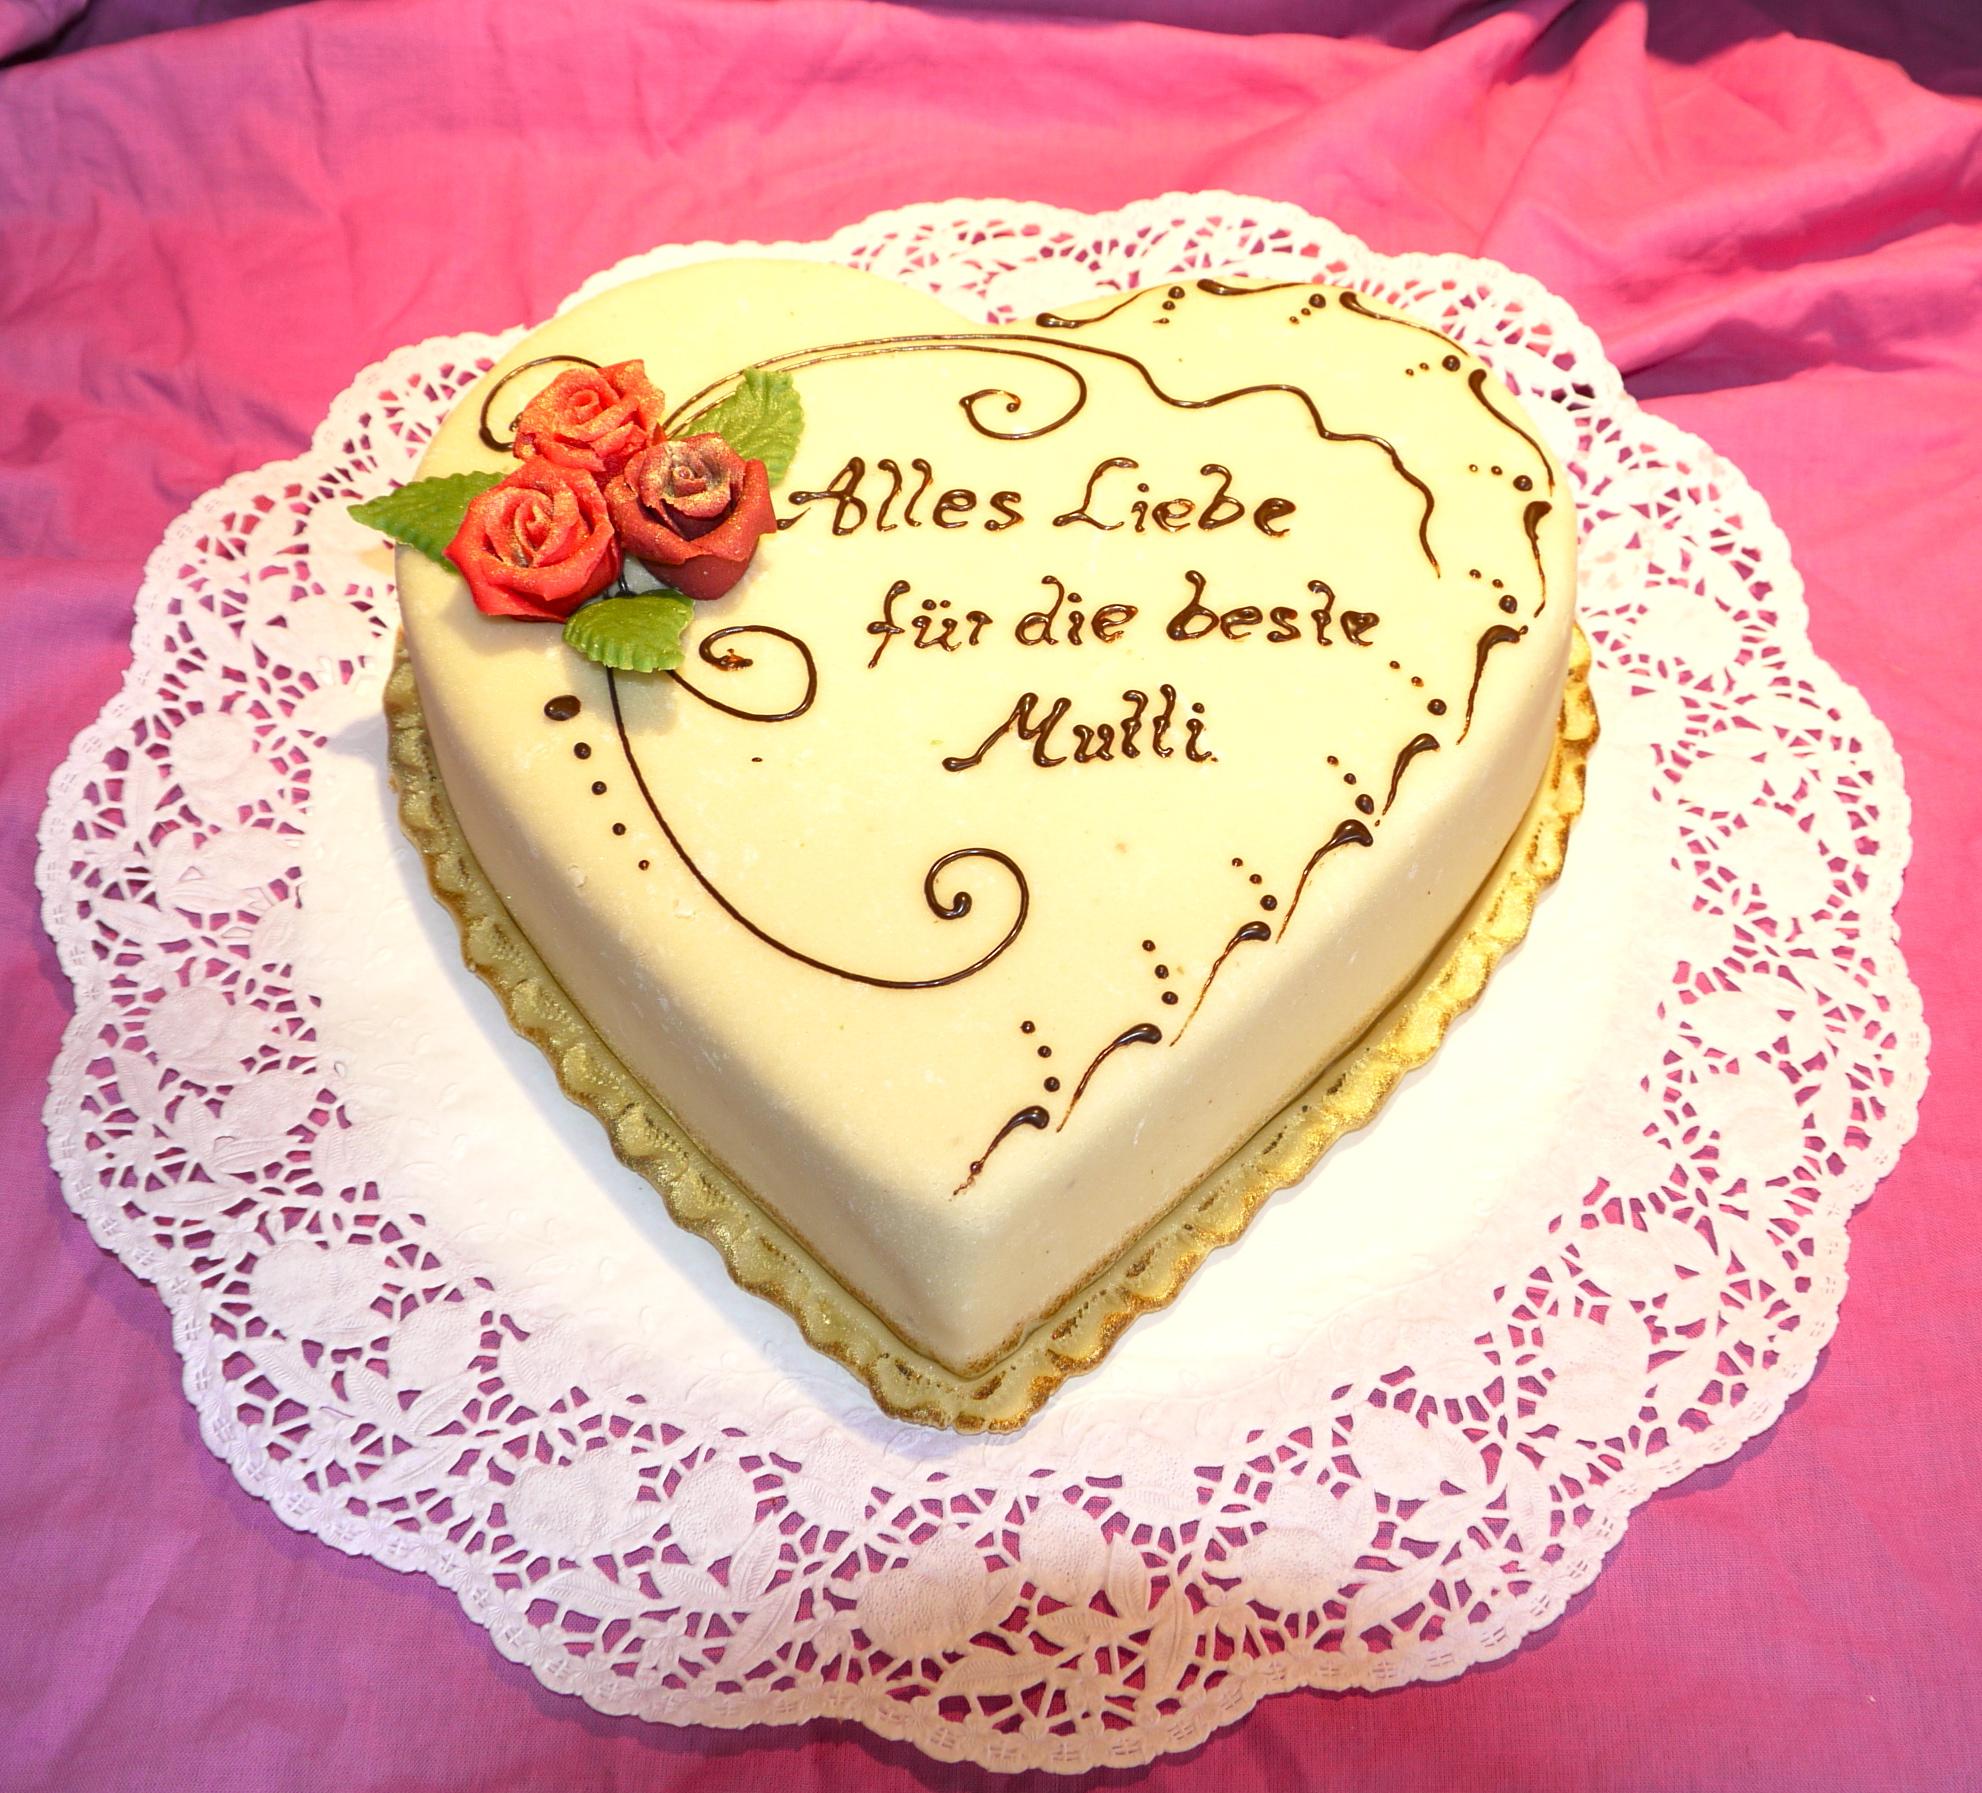 Geburtstagstorte herz Bäckerei Rose Weimar